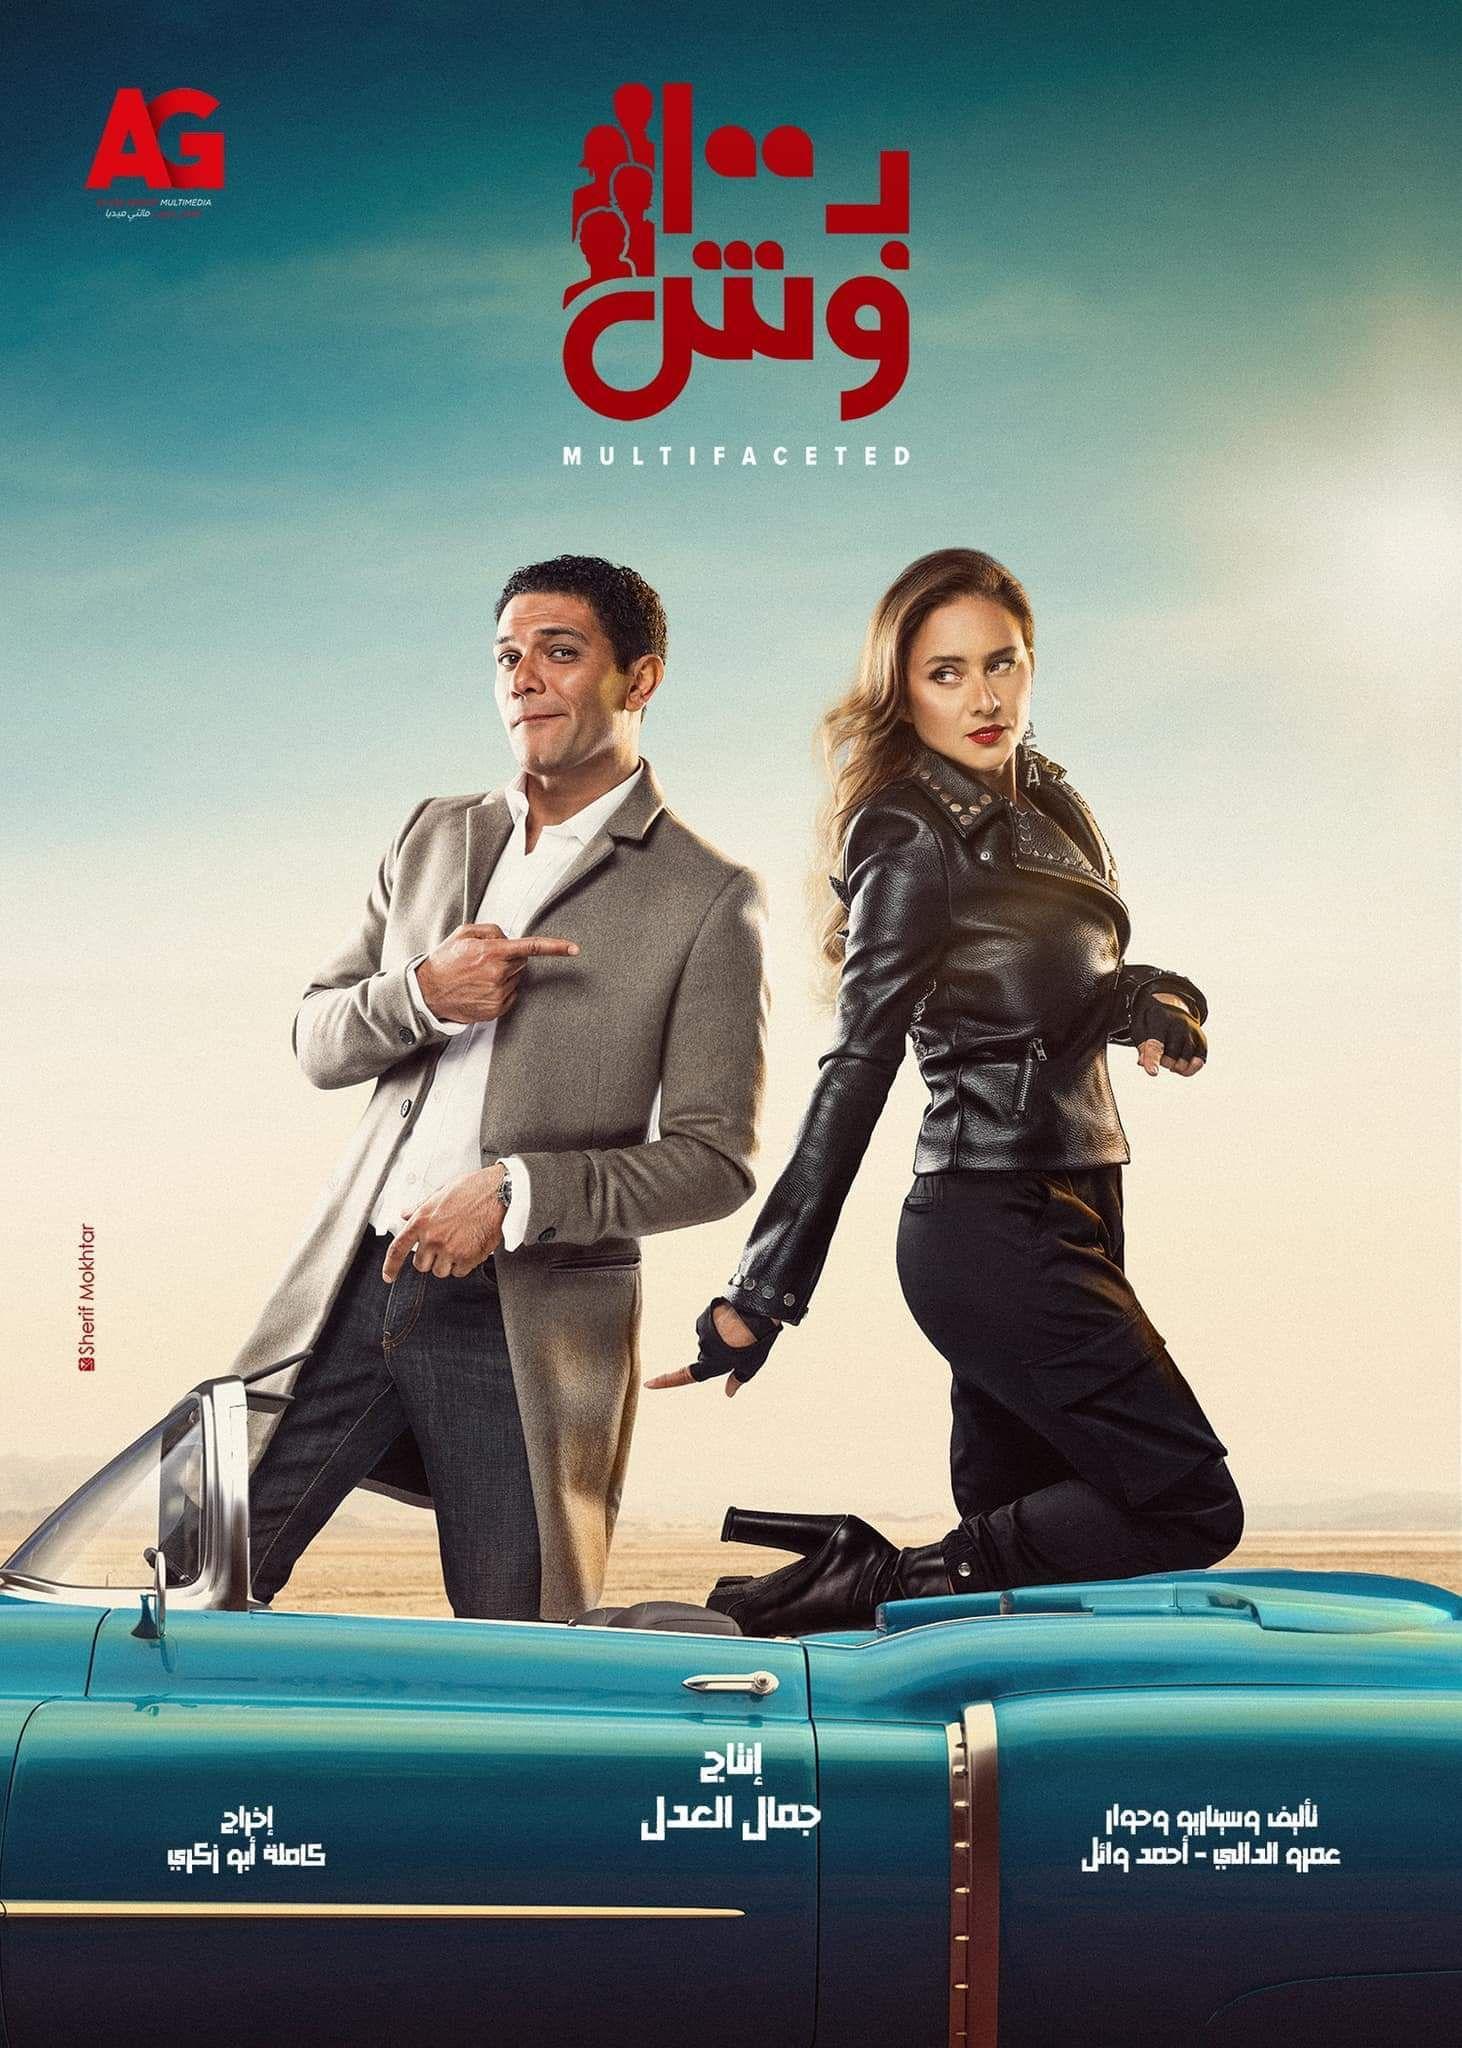 موعد وتوقيت عرض مسلسل بـ100 وش الحلقة الاخيرة في رمضان 2020 In 2020 Egyptian Movies Showtime Video Trailer